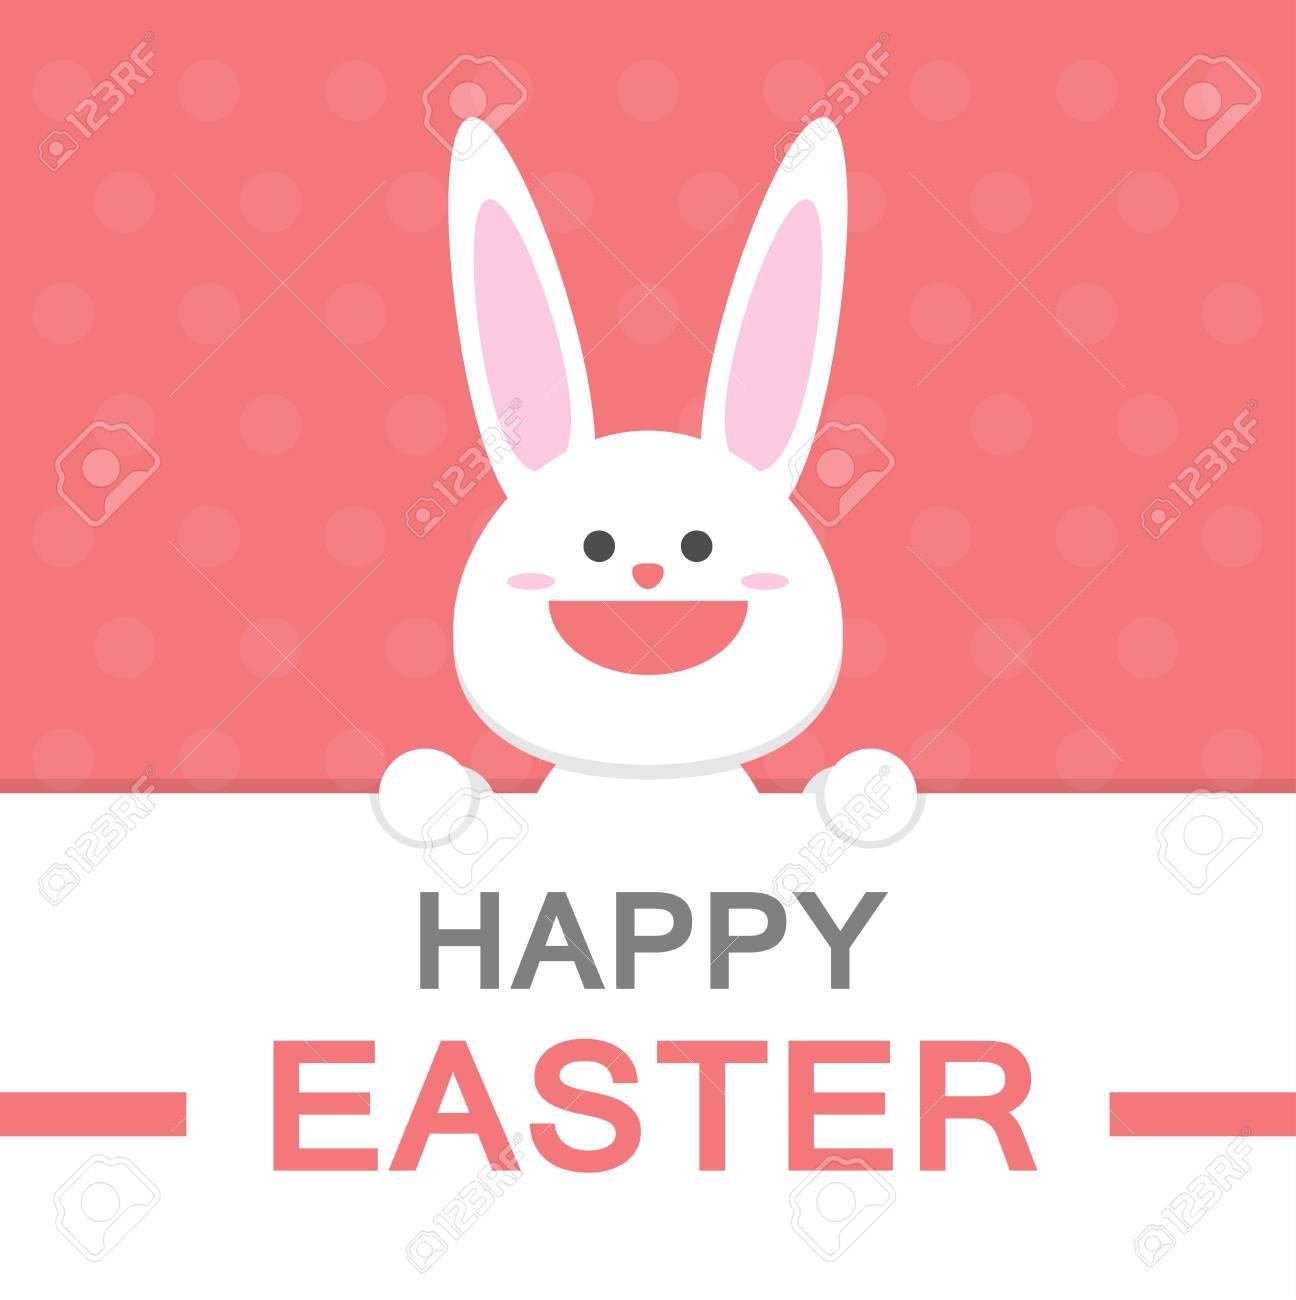 Frohe Ostern Tag Lächeln Hase Cartoon-Vektor-Grußkarte Vorlage Mit ...